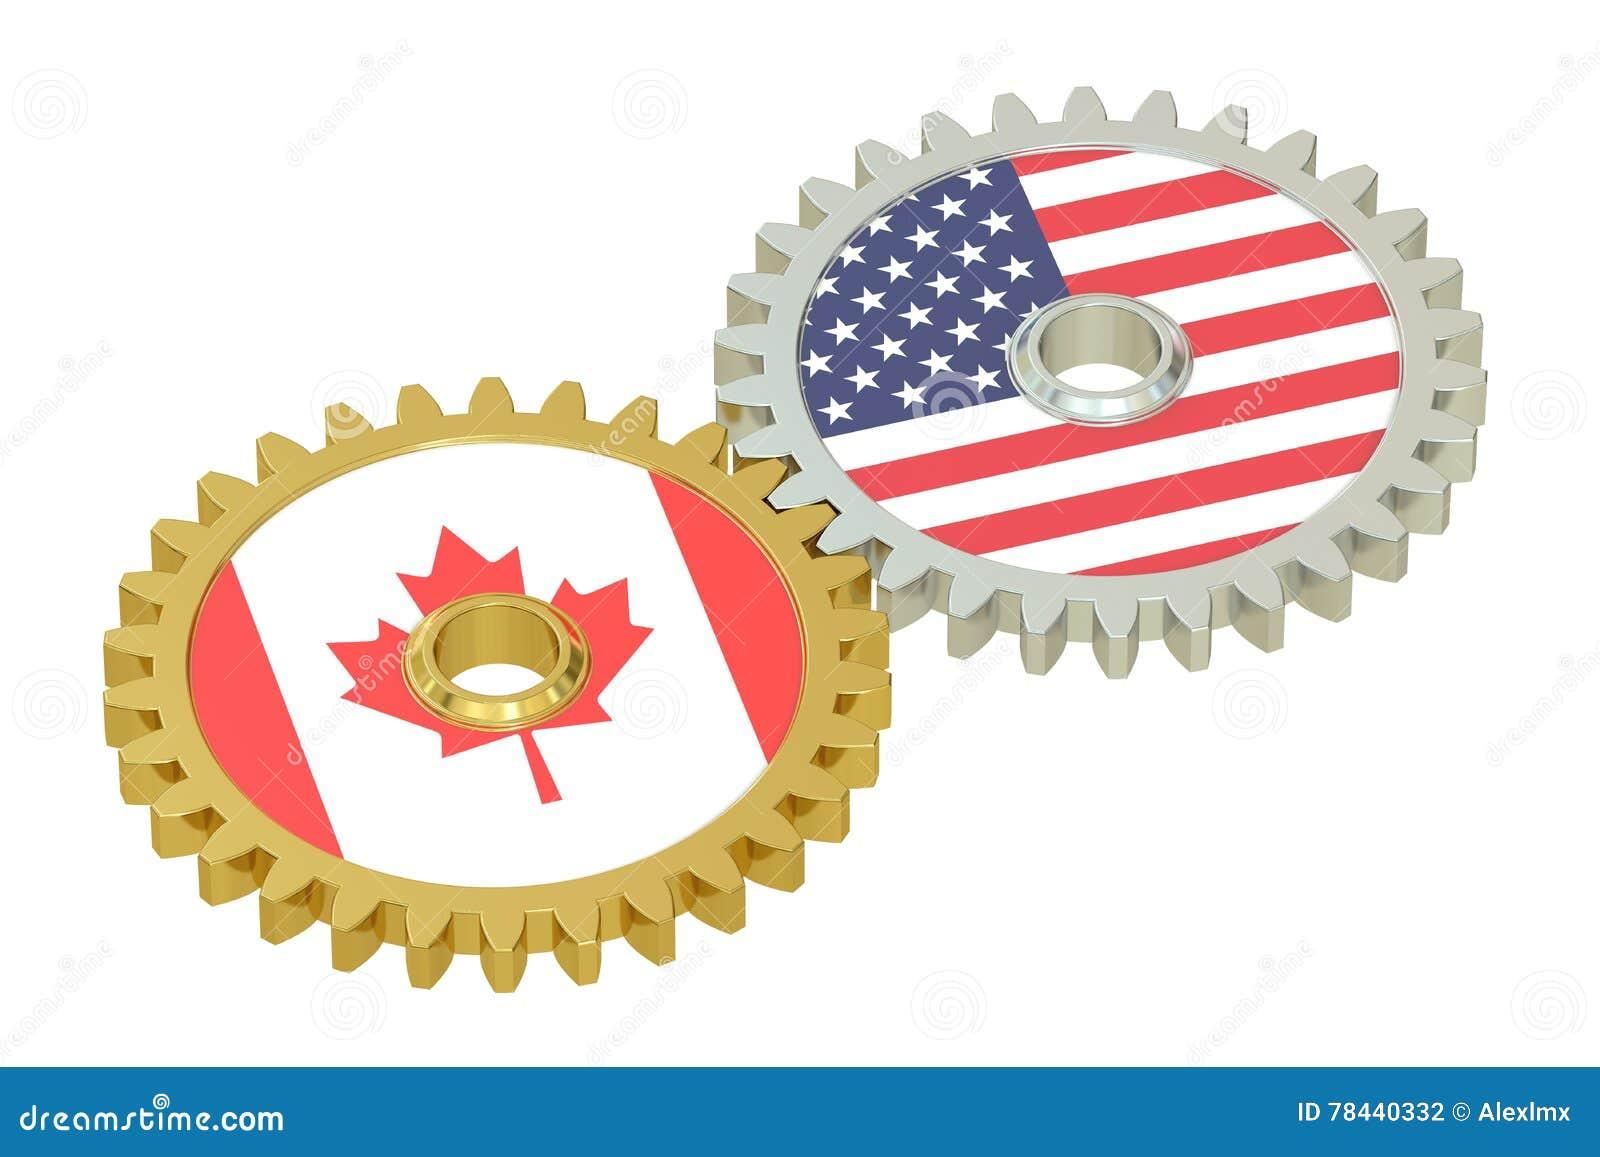 加拿大人和美国联系概念,在的旗子齿轮